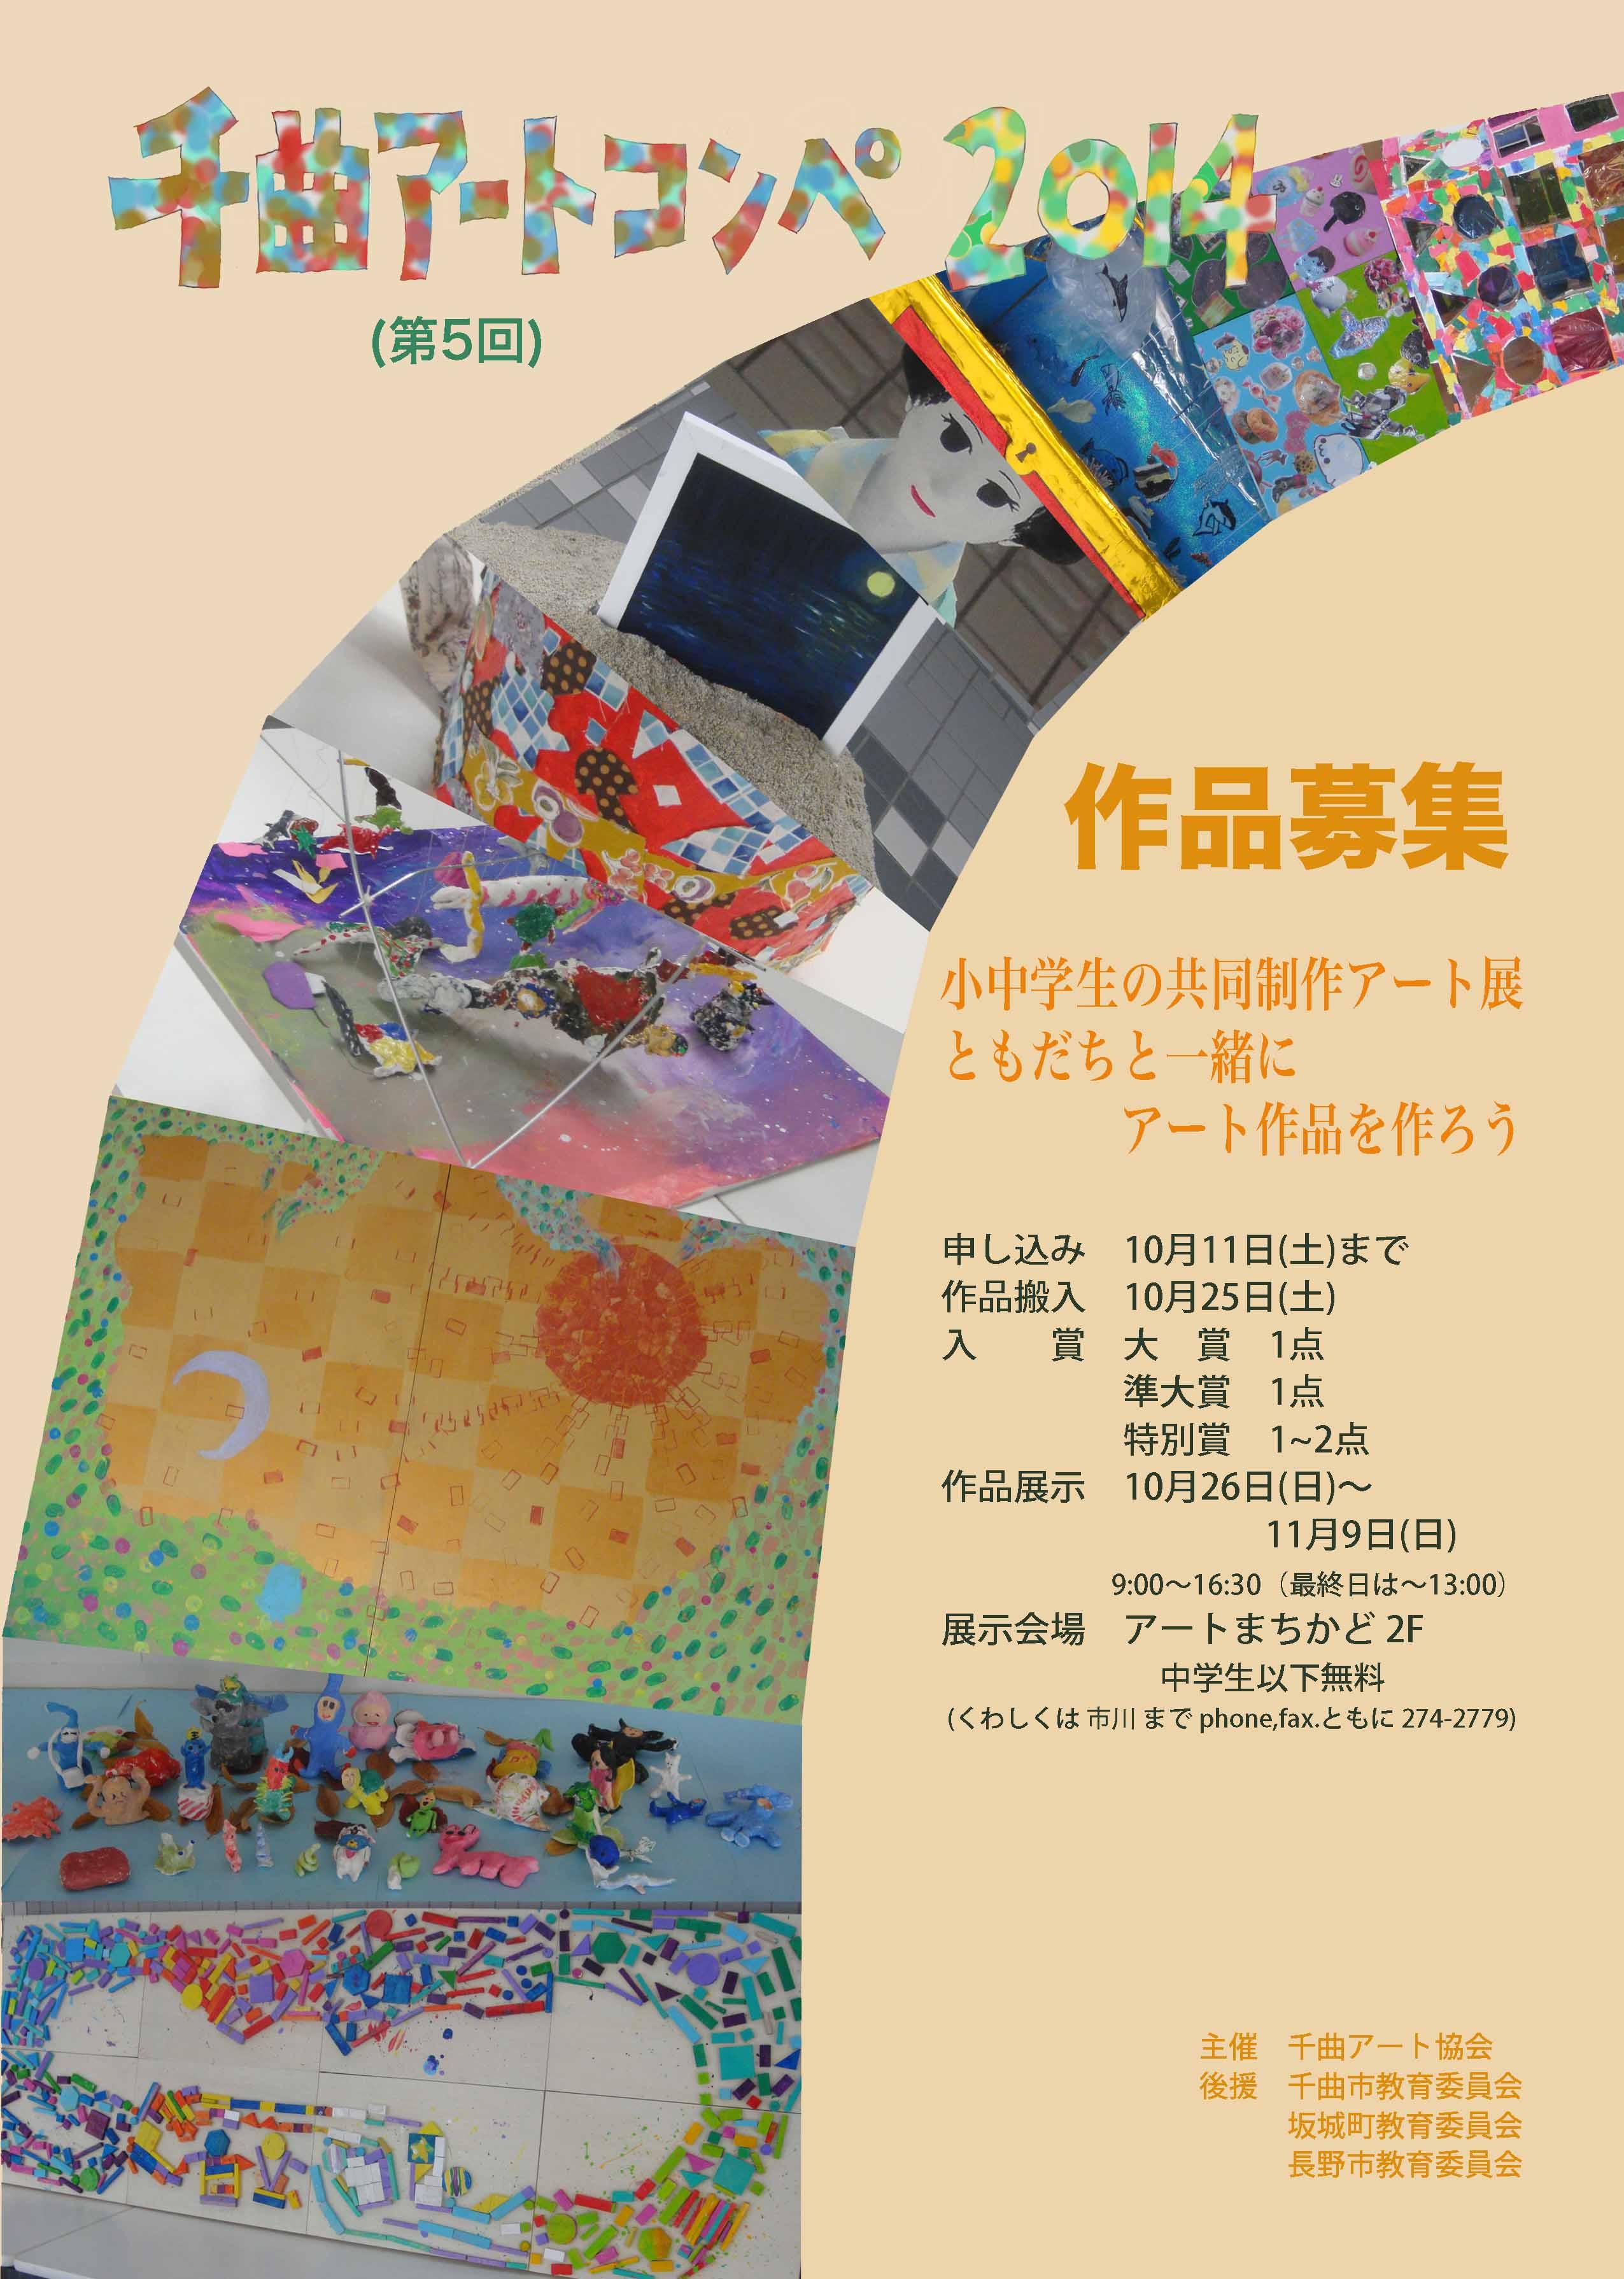 横浜でカップ展_e0226943_22584405.jpg